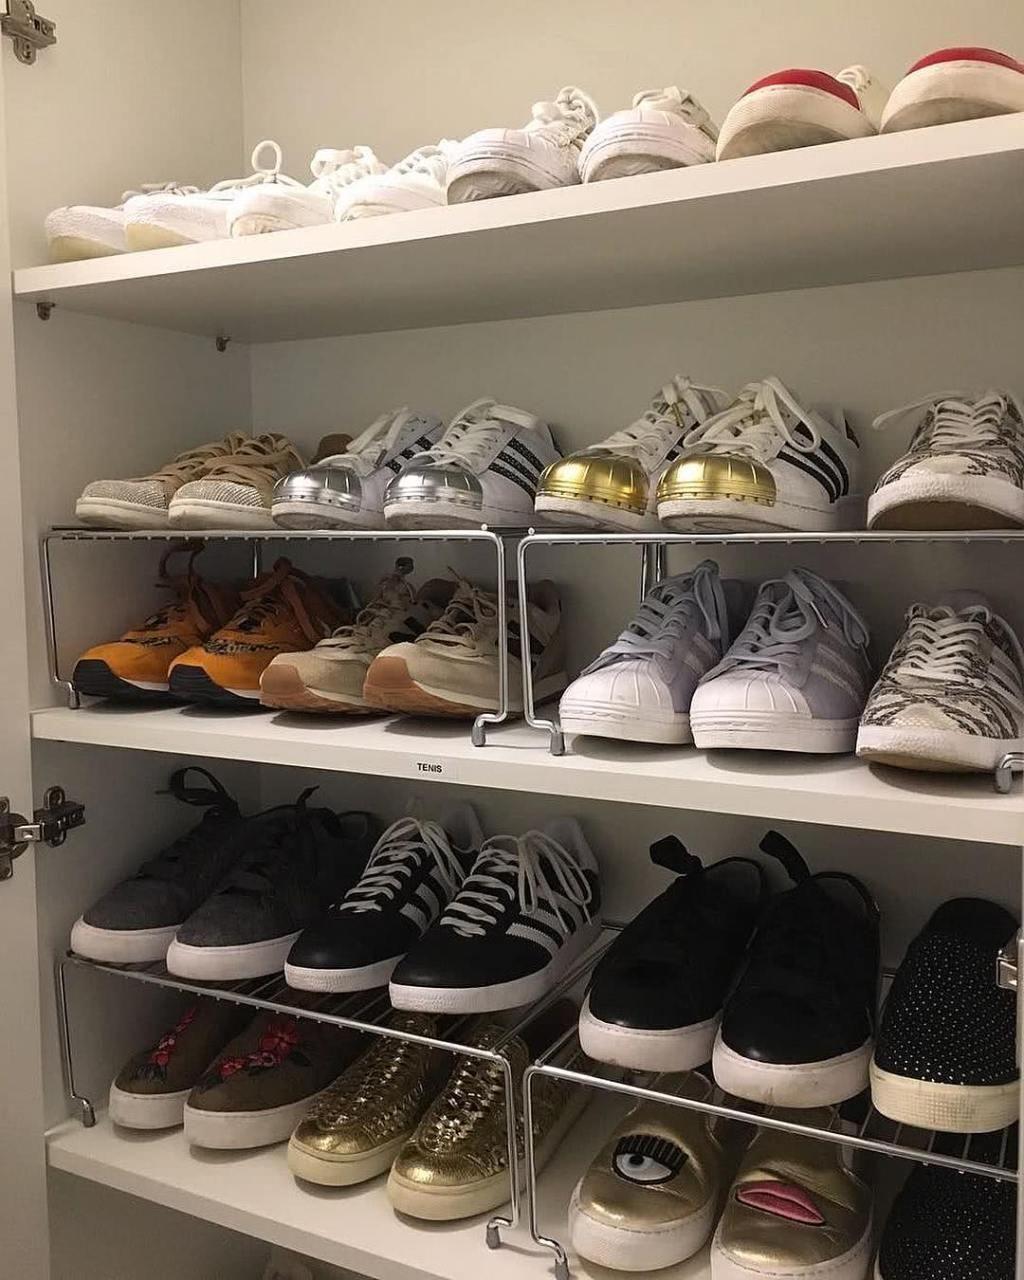 60 Ideen Und Tipps Wie Man Schuhe Organisiert Neu Dekoration Stile Pax Schuhschrank Ikea Aufbewahrung Schuhe Organisation